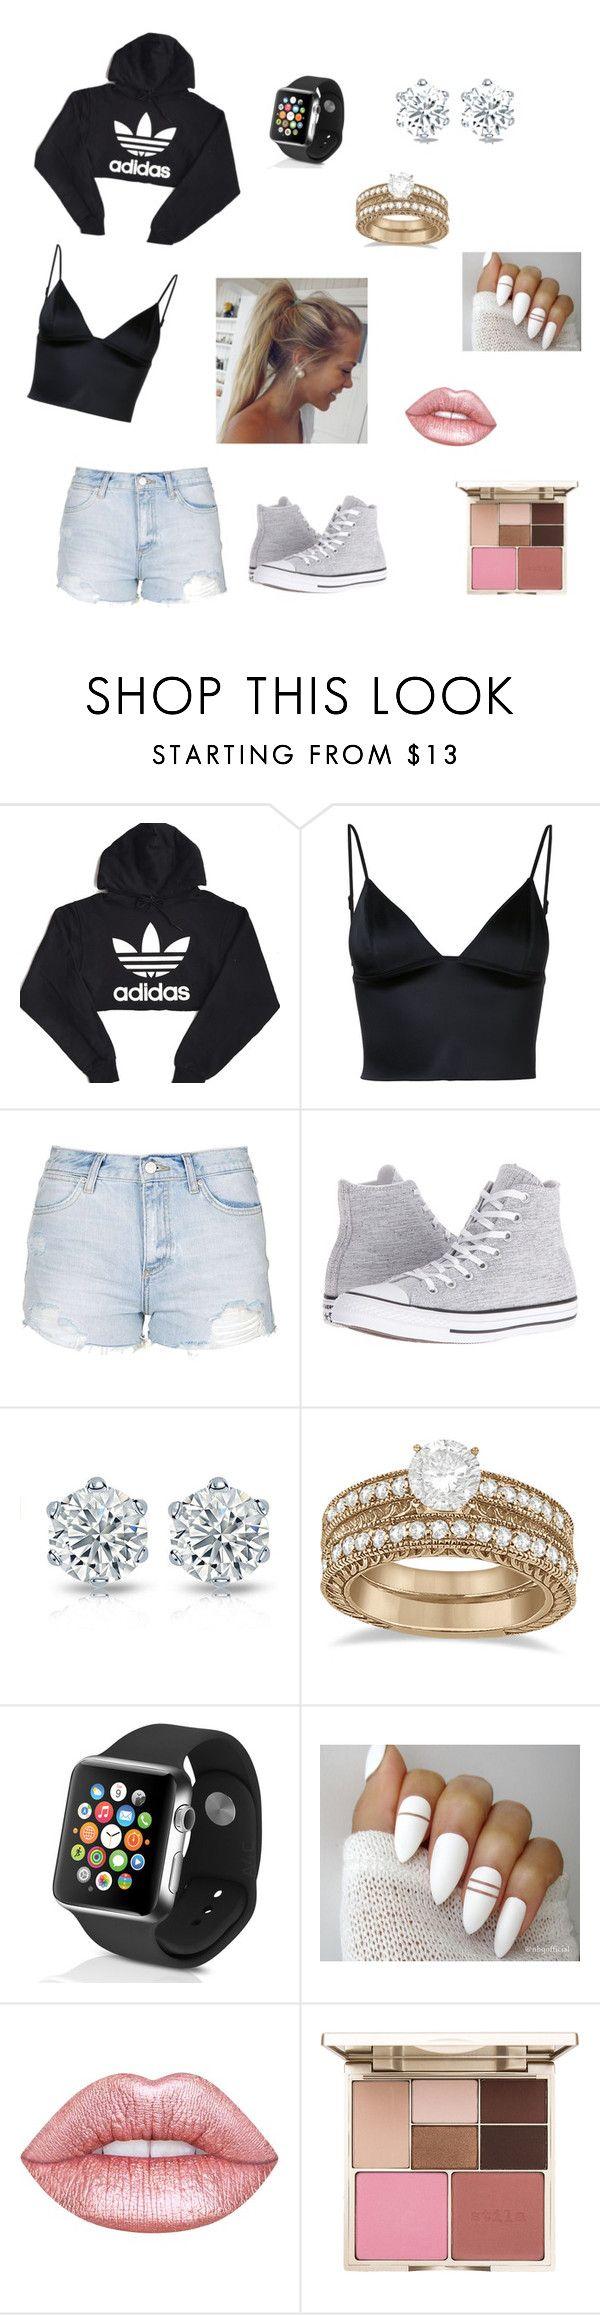 i need anything adidas oml